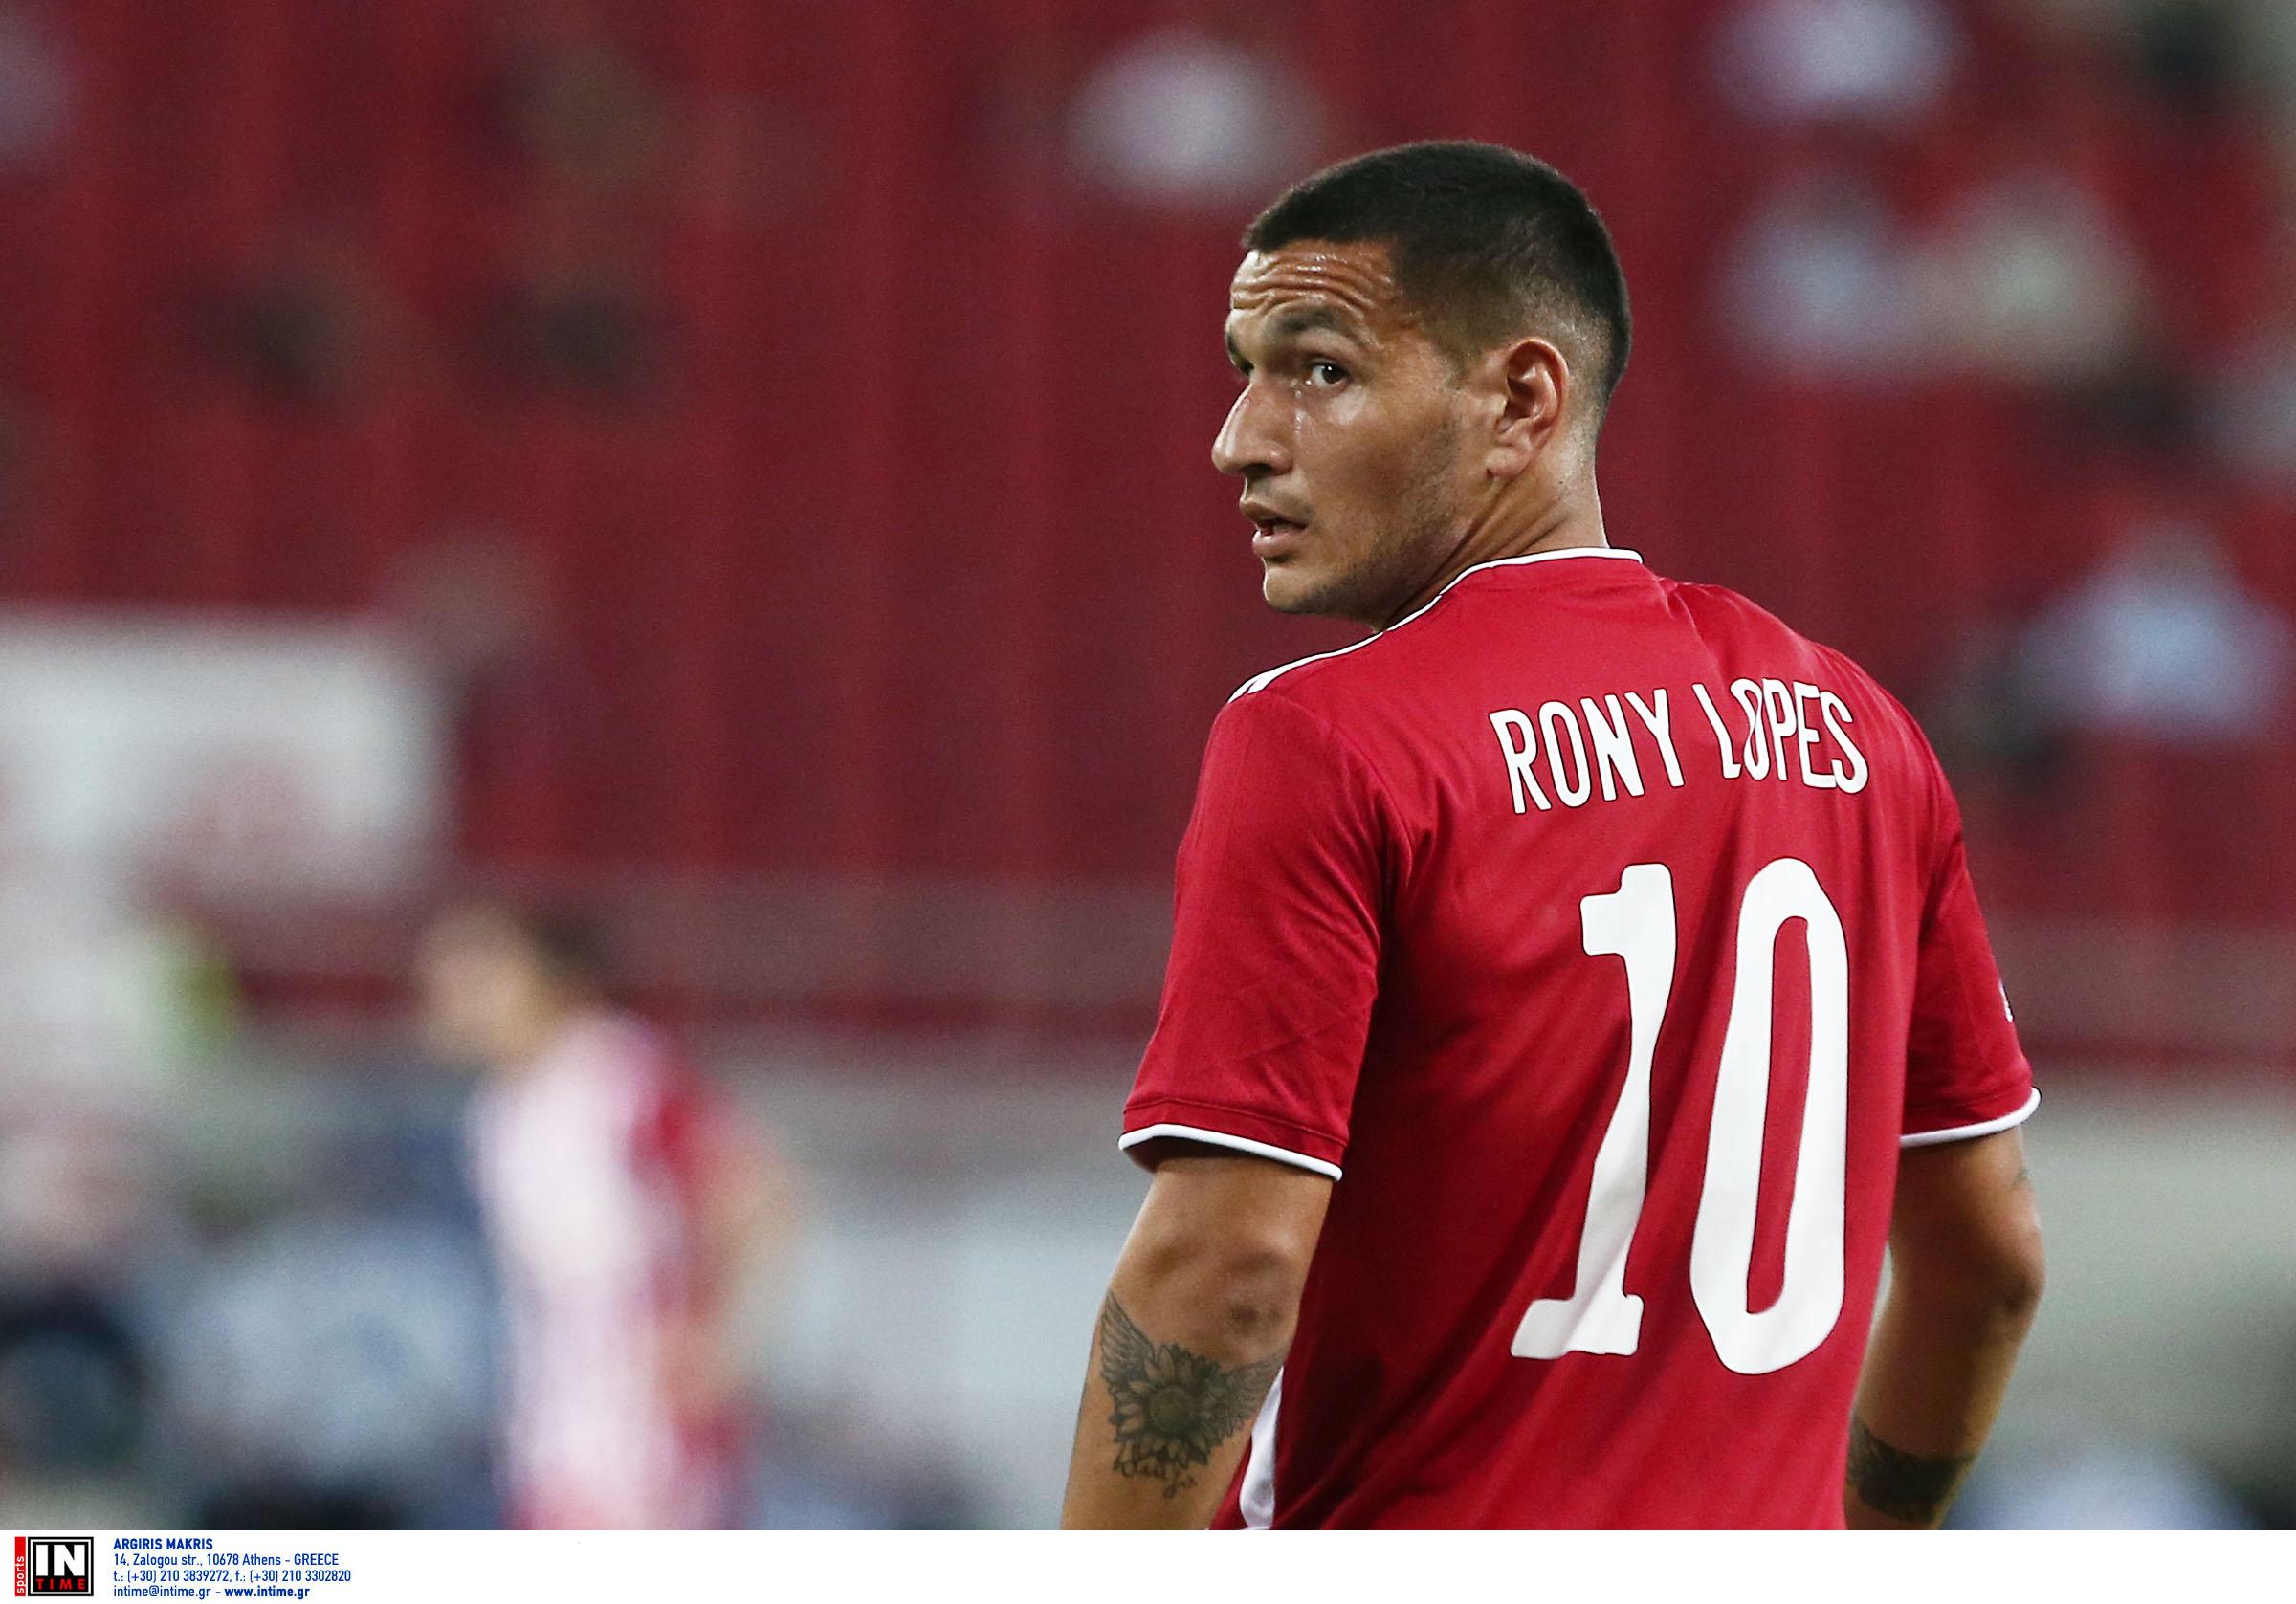 Ολυμπιακός: «Ο Ρόνι Λόπες έχει ρήτρα 12 εκατομμύρια ευρώ αλλά δεν ξεκινάει στα ματς» λένε στην Ισπανία